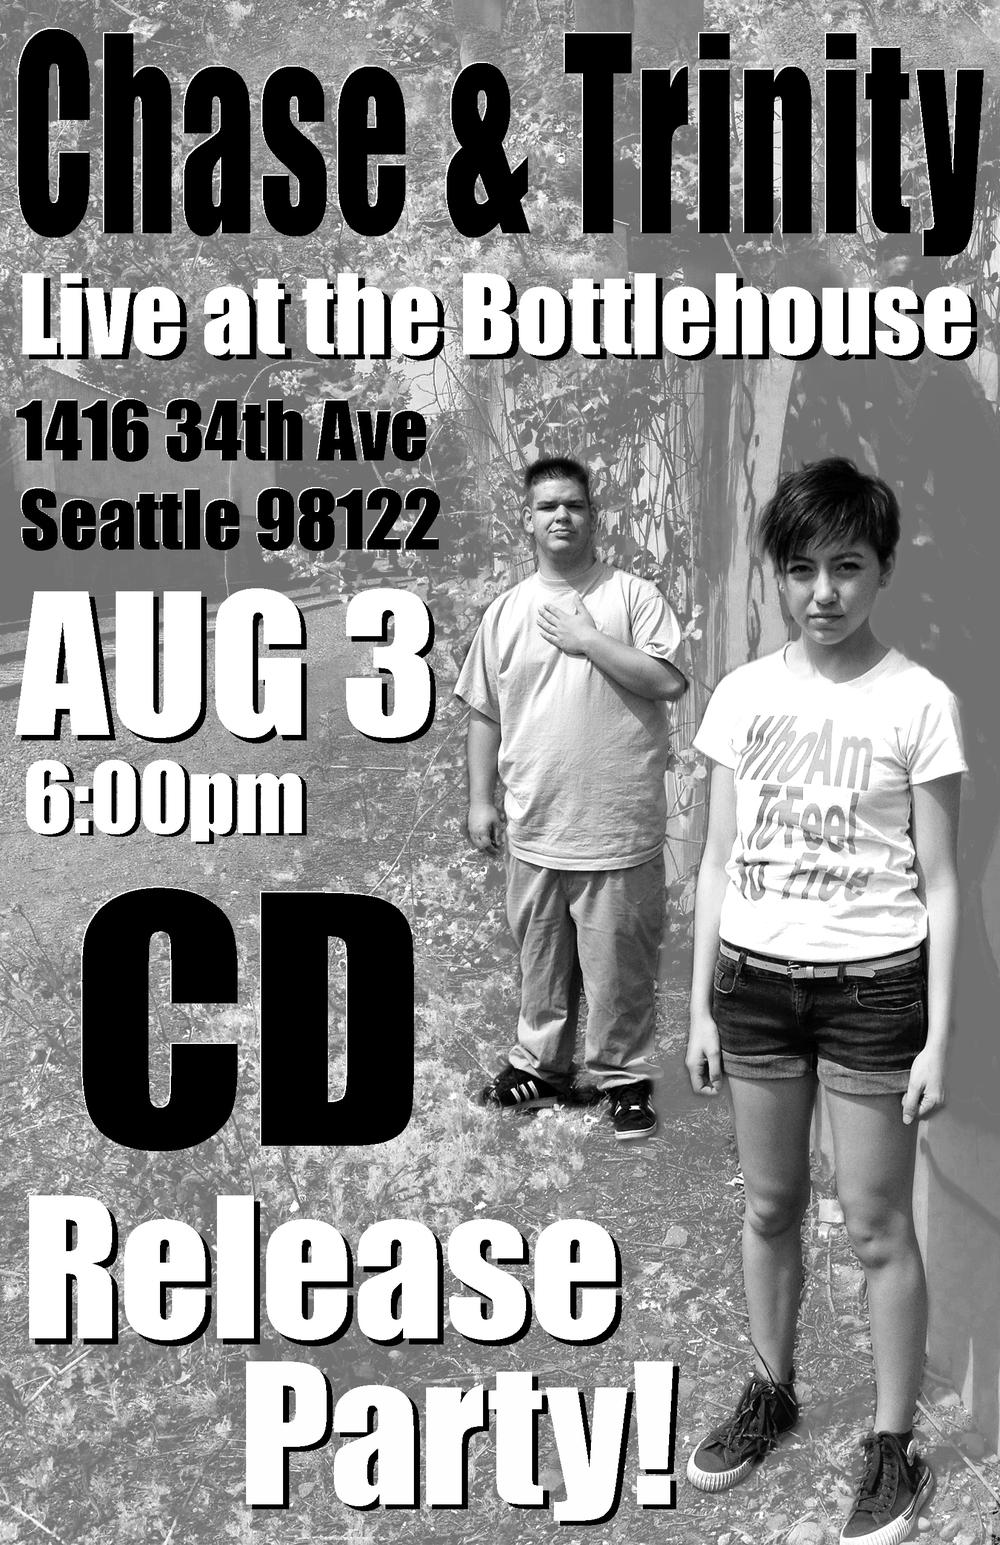 Bottle House Poster.jpg